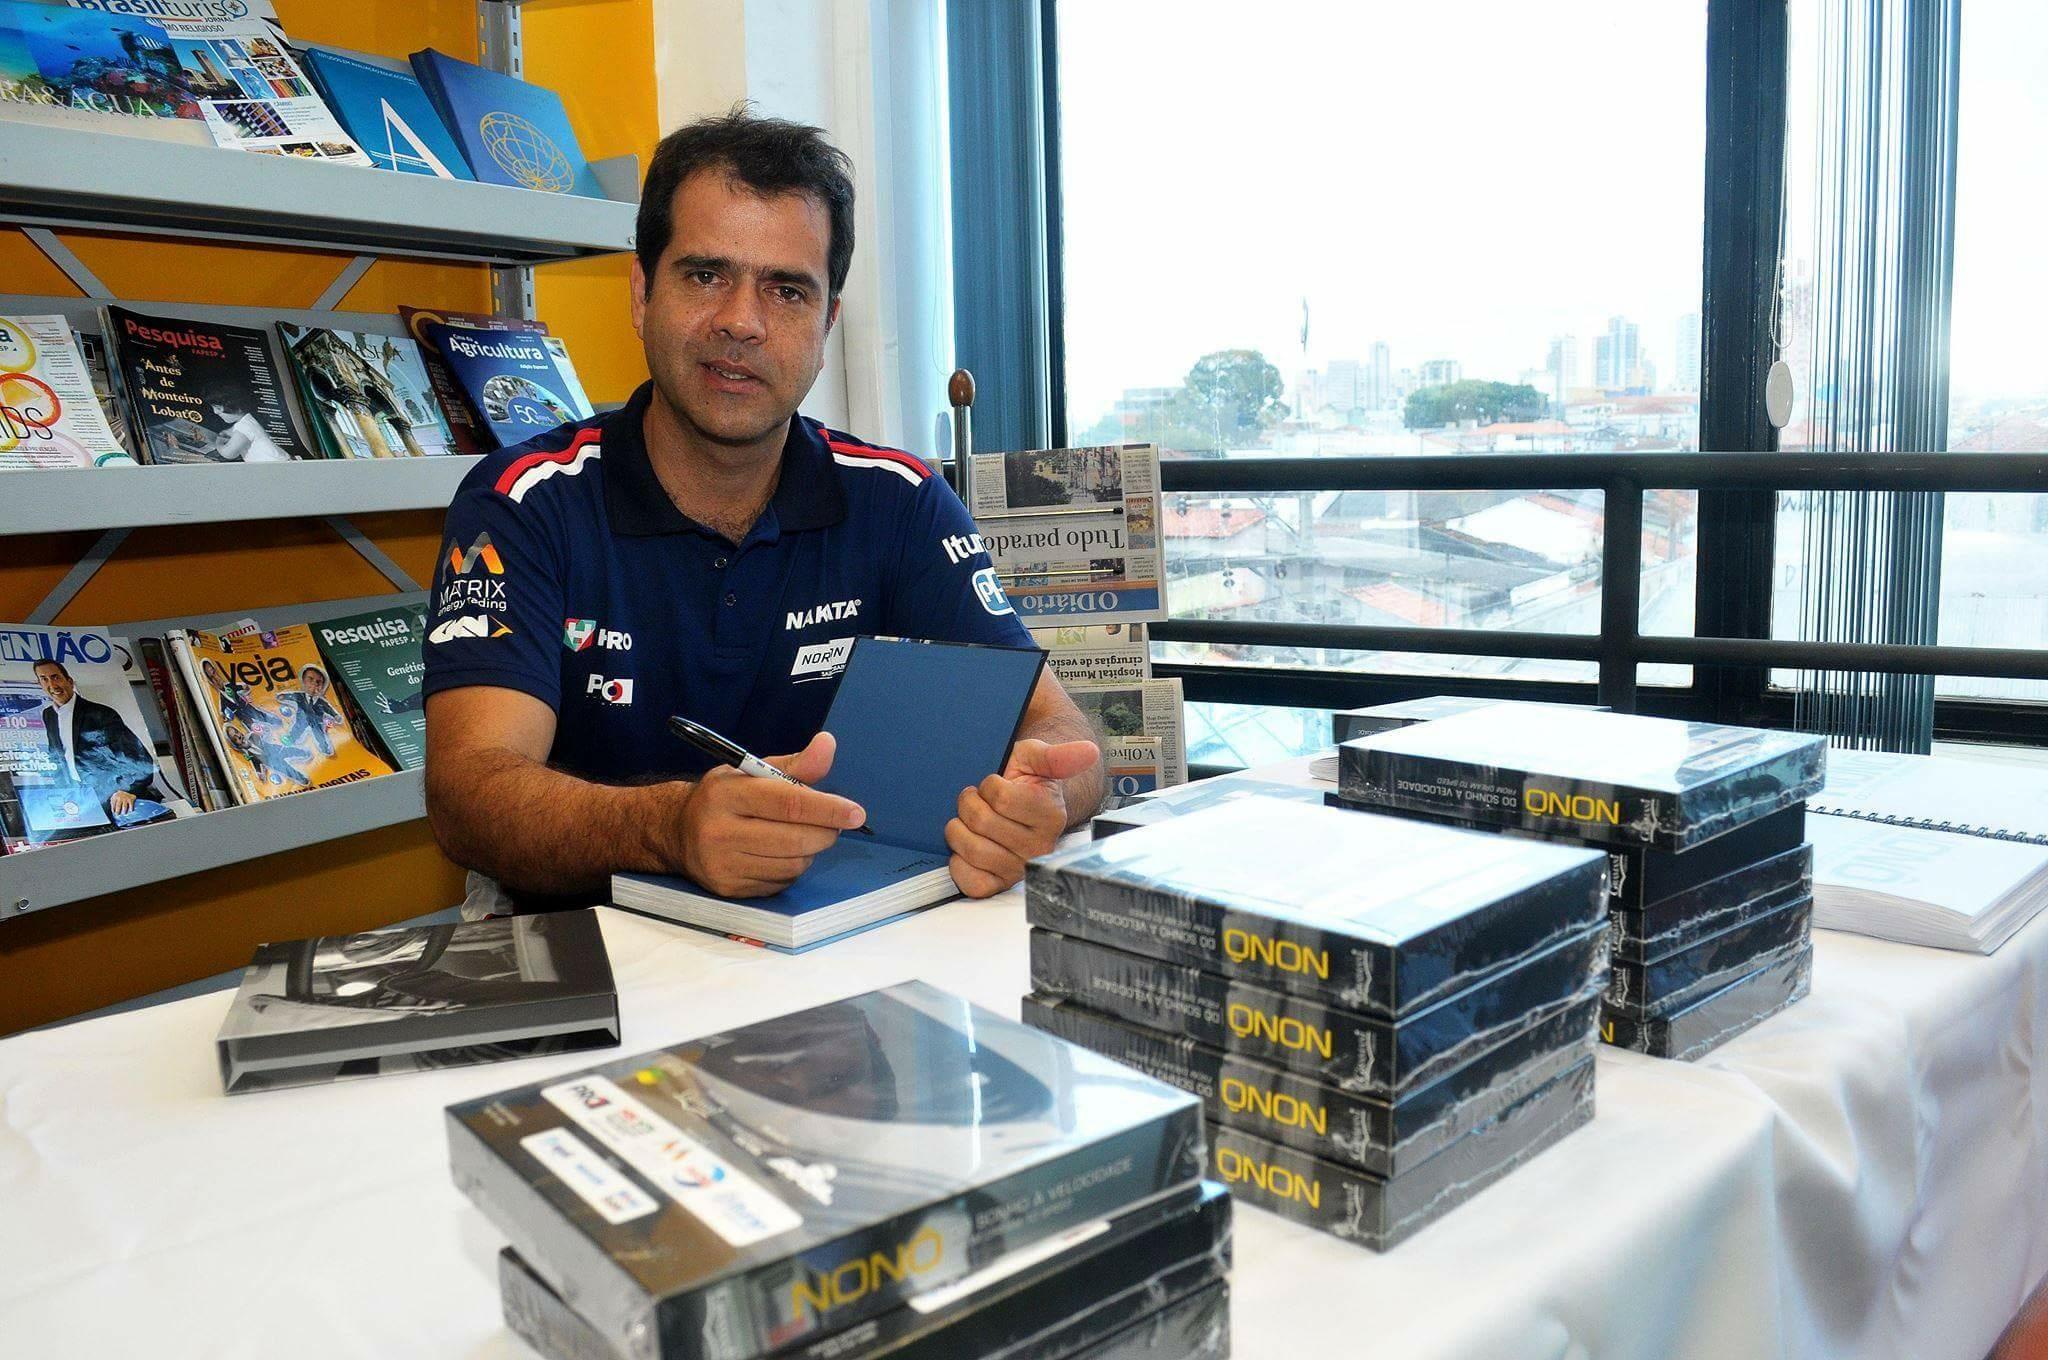 Nakata patrocina livro sobre a história do experiente piloto Nonô Figueiredo